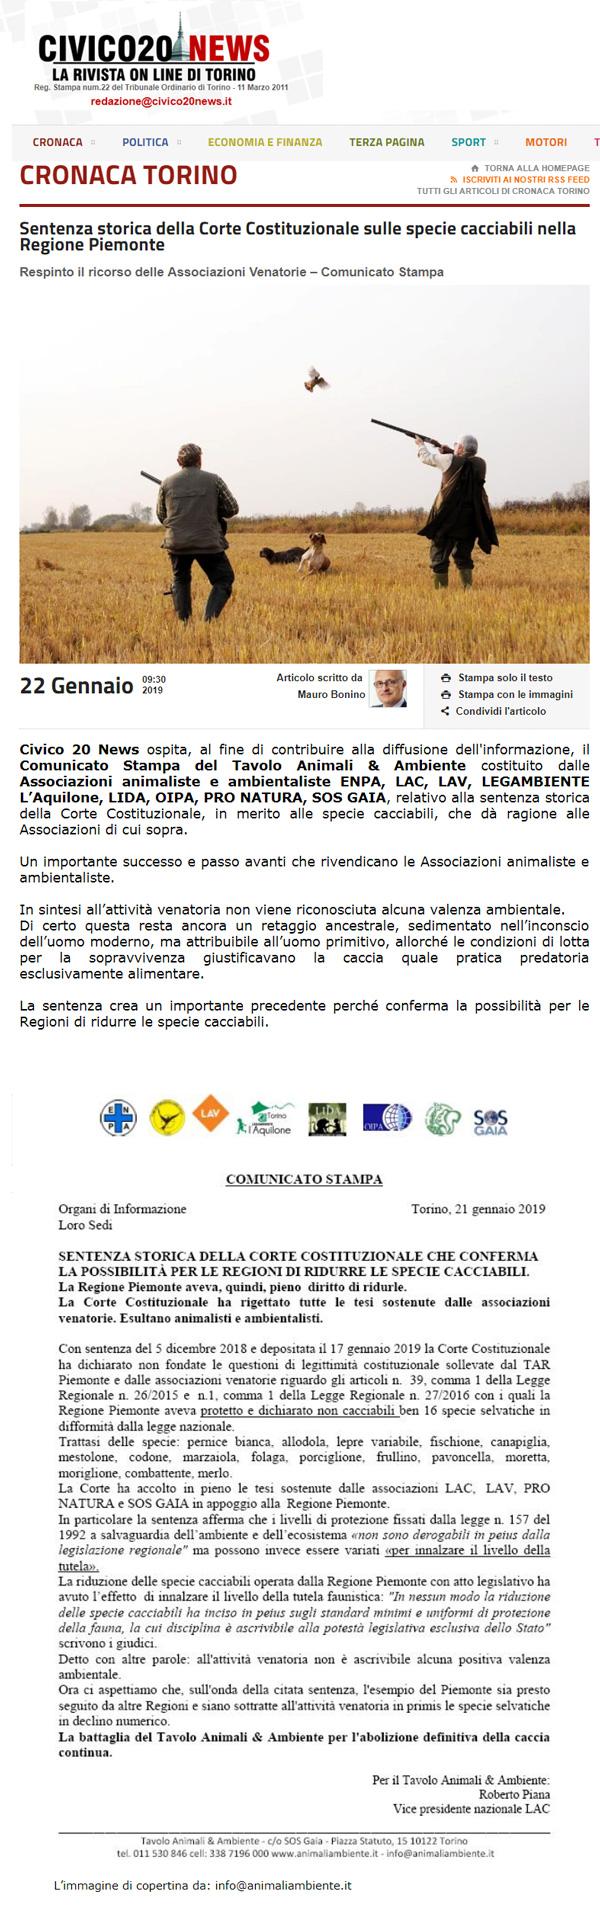 civico20-news-22-01-2019-corte-costituzionale-specie-cacciabili